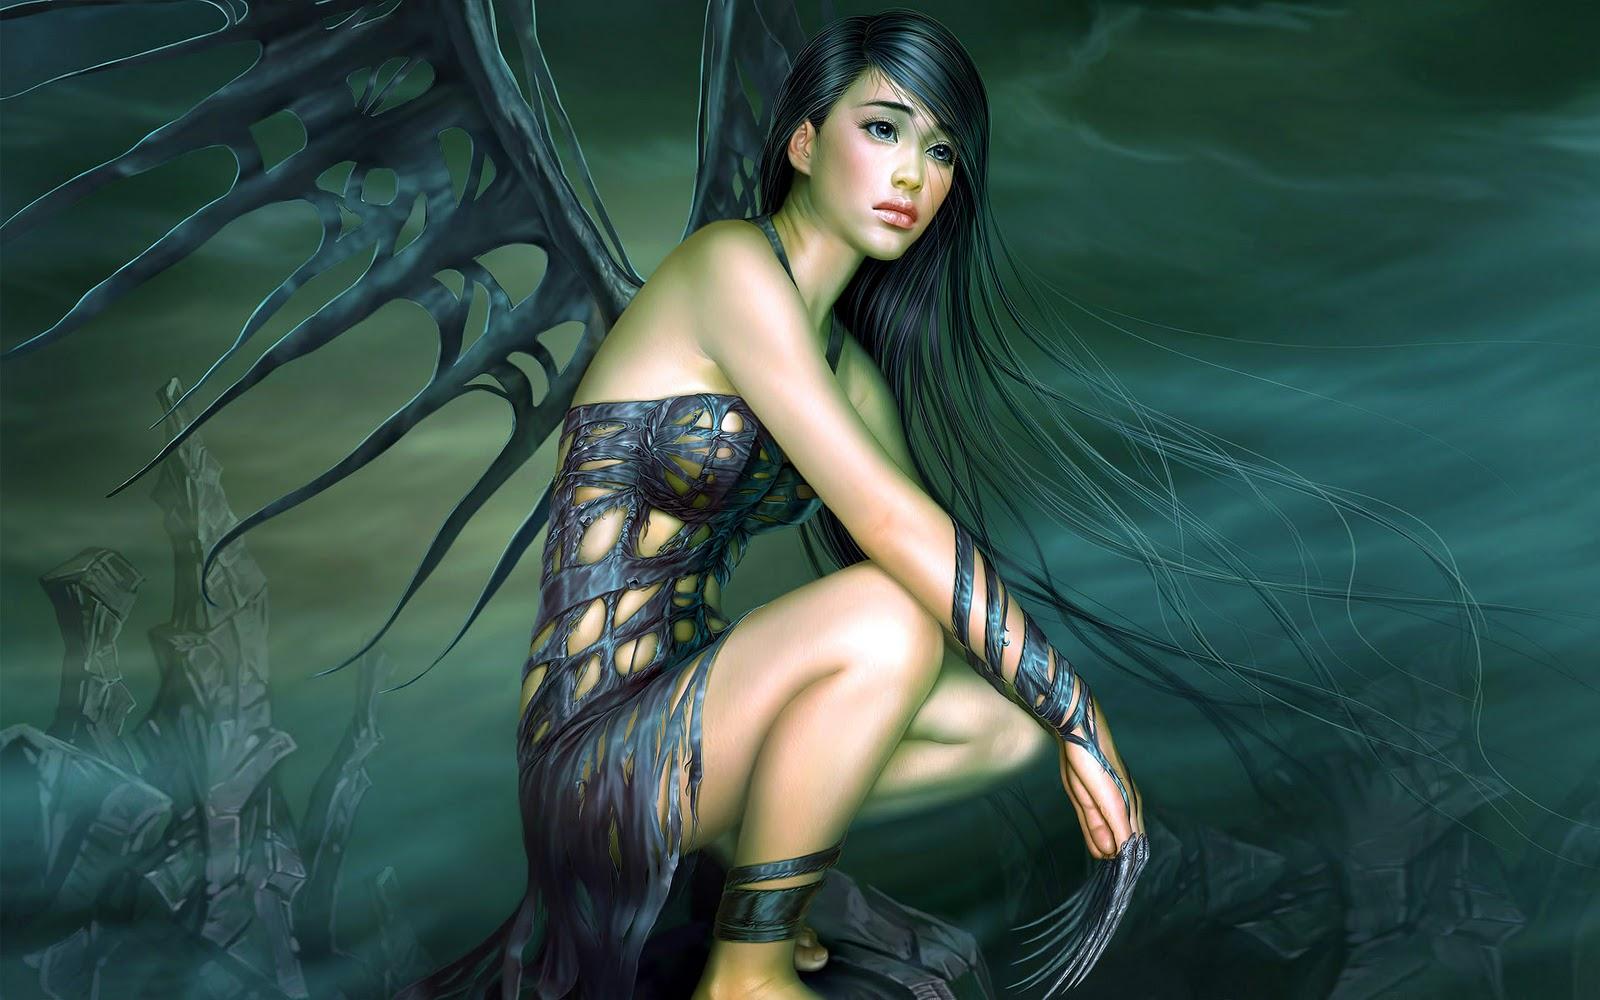 Best desktop pictures angel wallpapers hd angel wallpaper image 15jpg 1600x1000